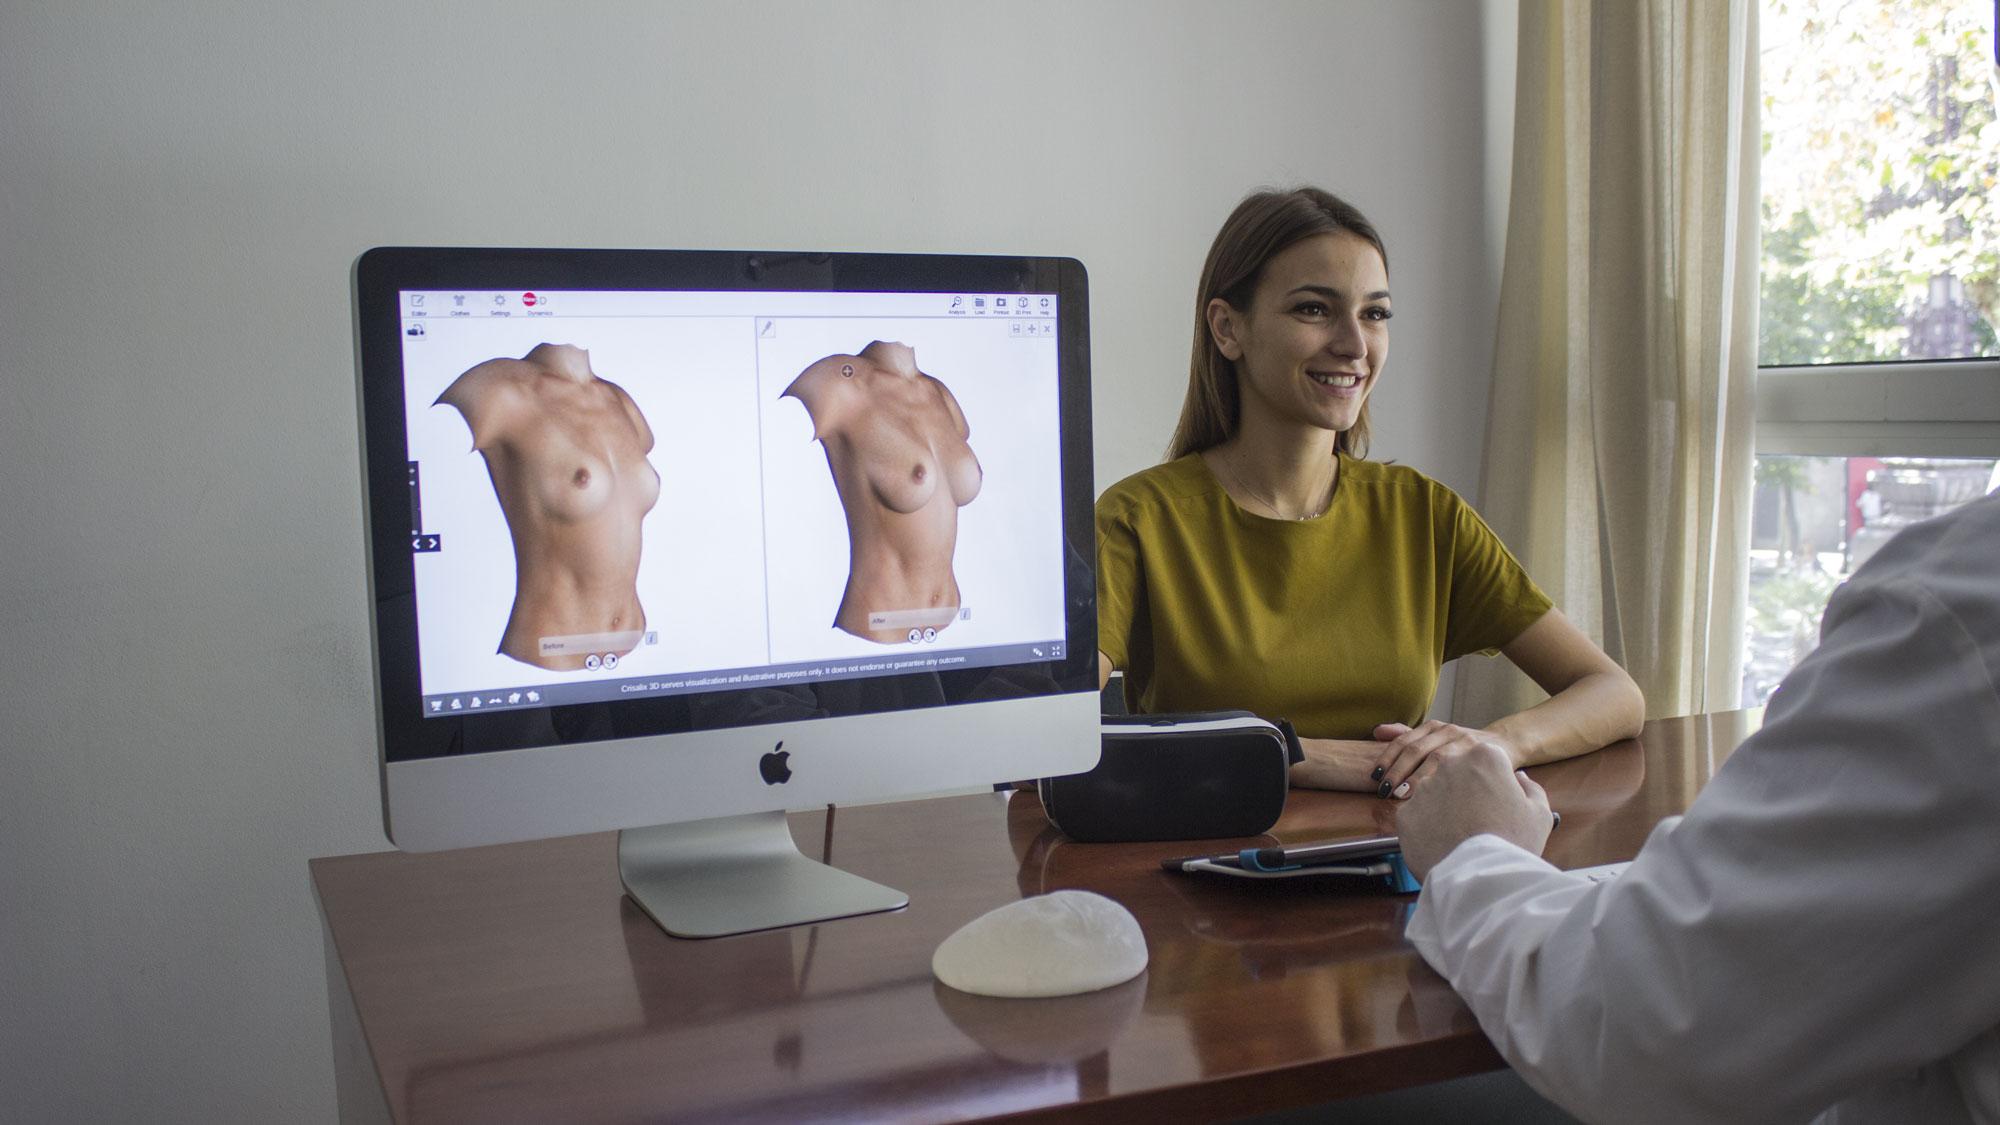 Frau bei einem Beratungsgespräch zur Brustvergrößerung neben einem PC-Monitor mit der 3D Darstellung durch Crisalix